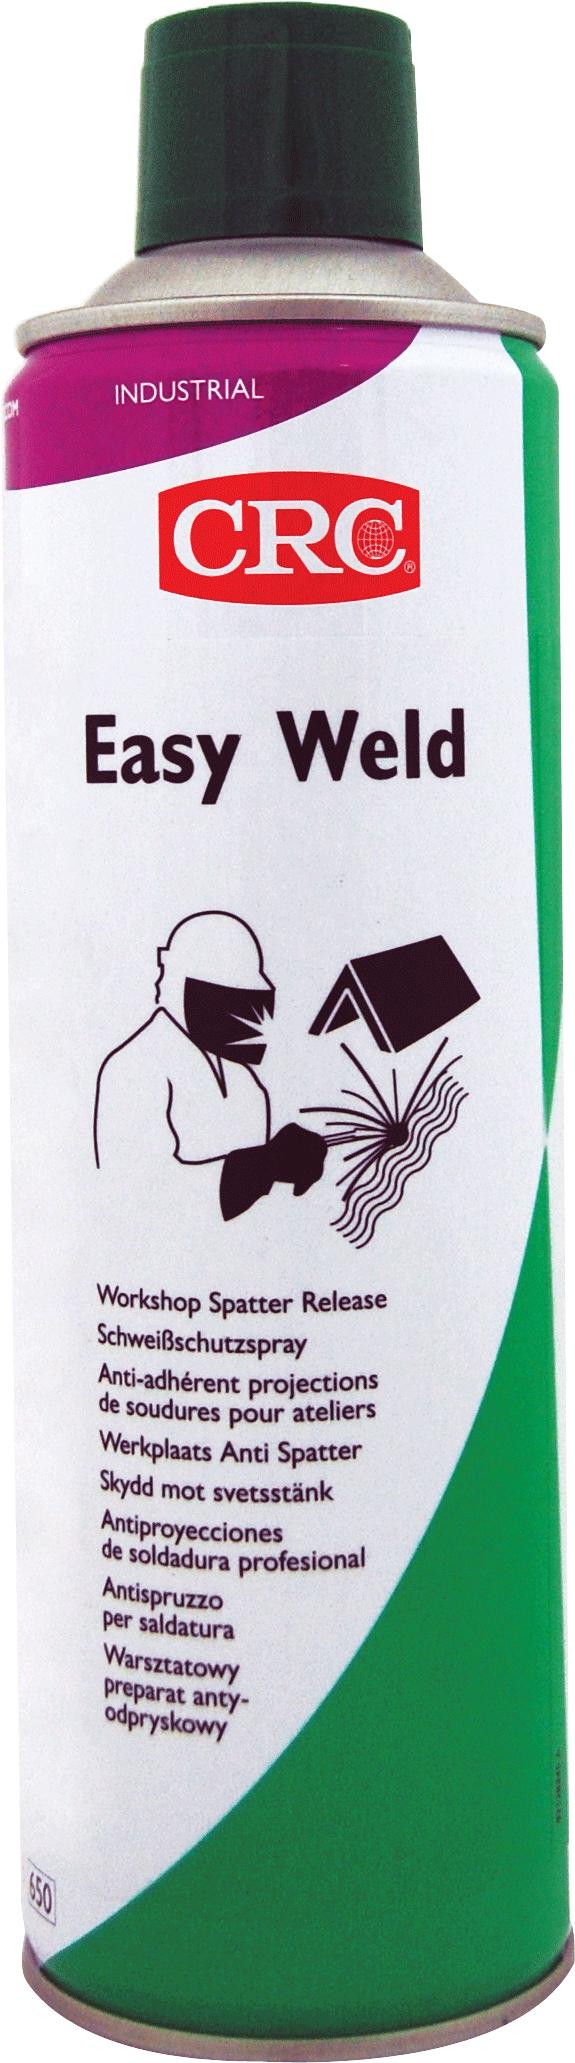 Afbeelding van crc industry easy weld 400 ml, spuitbus